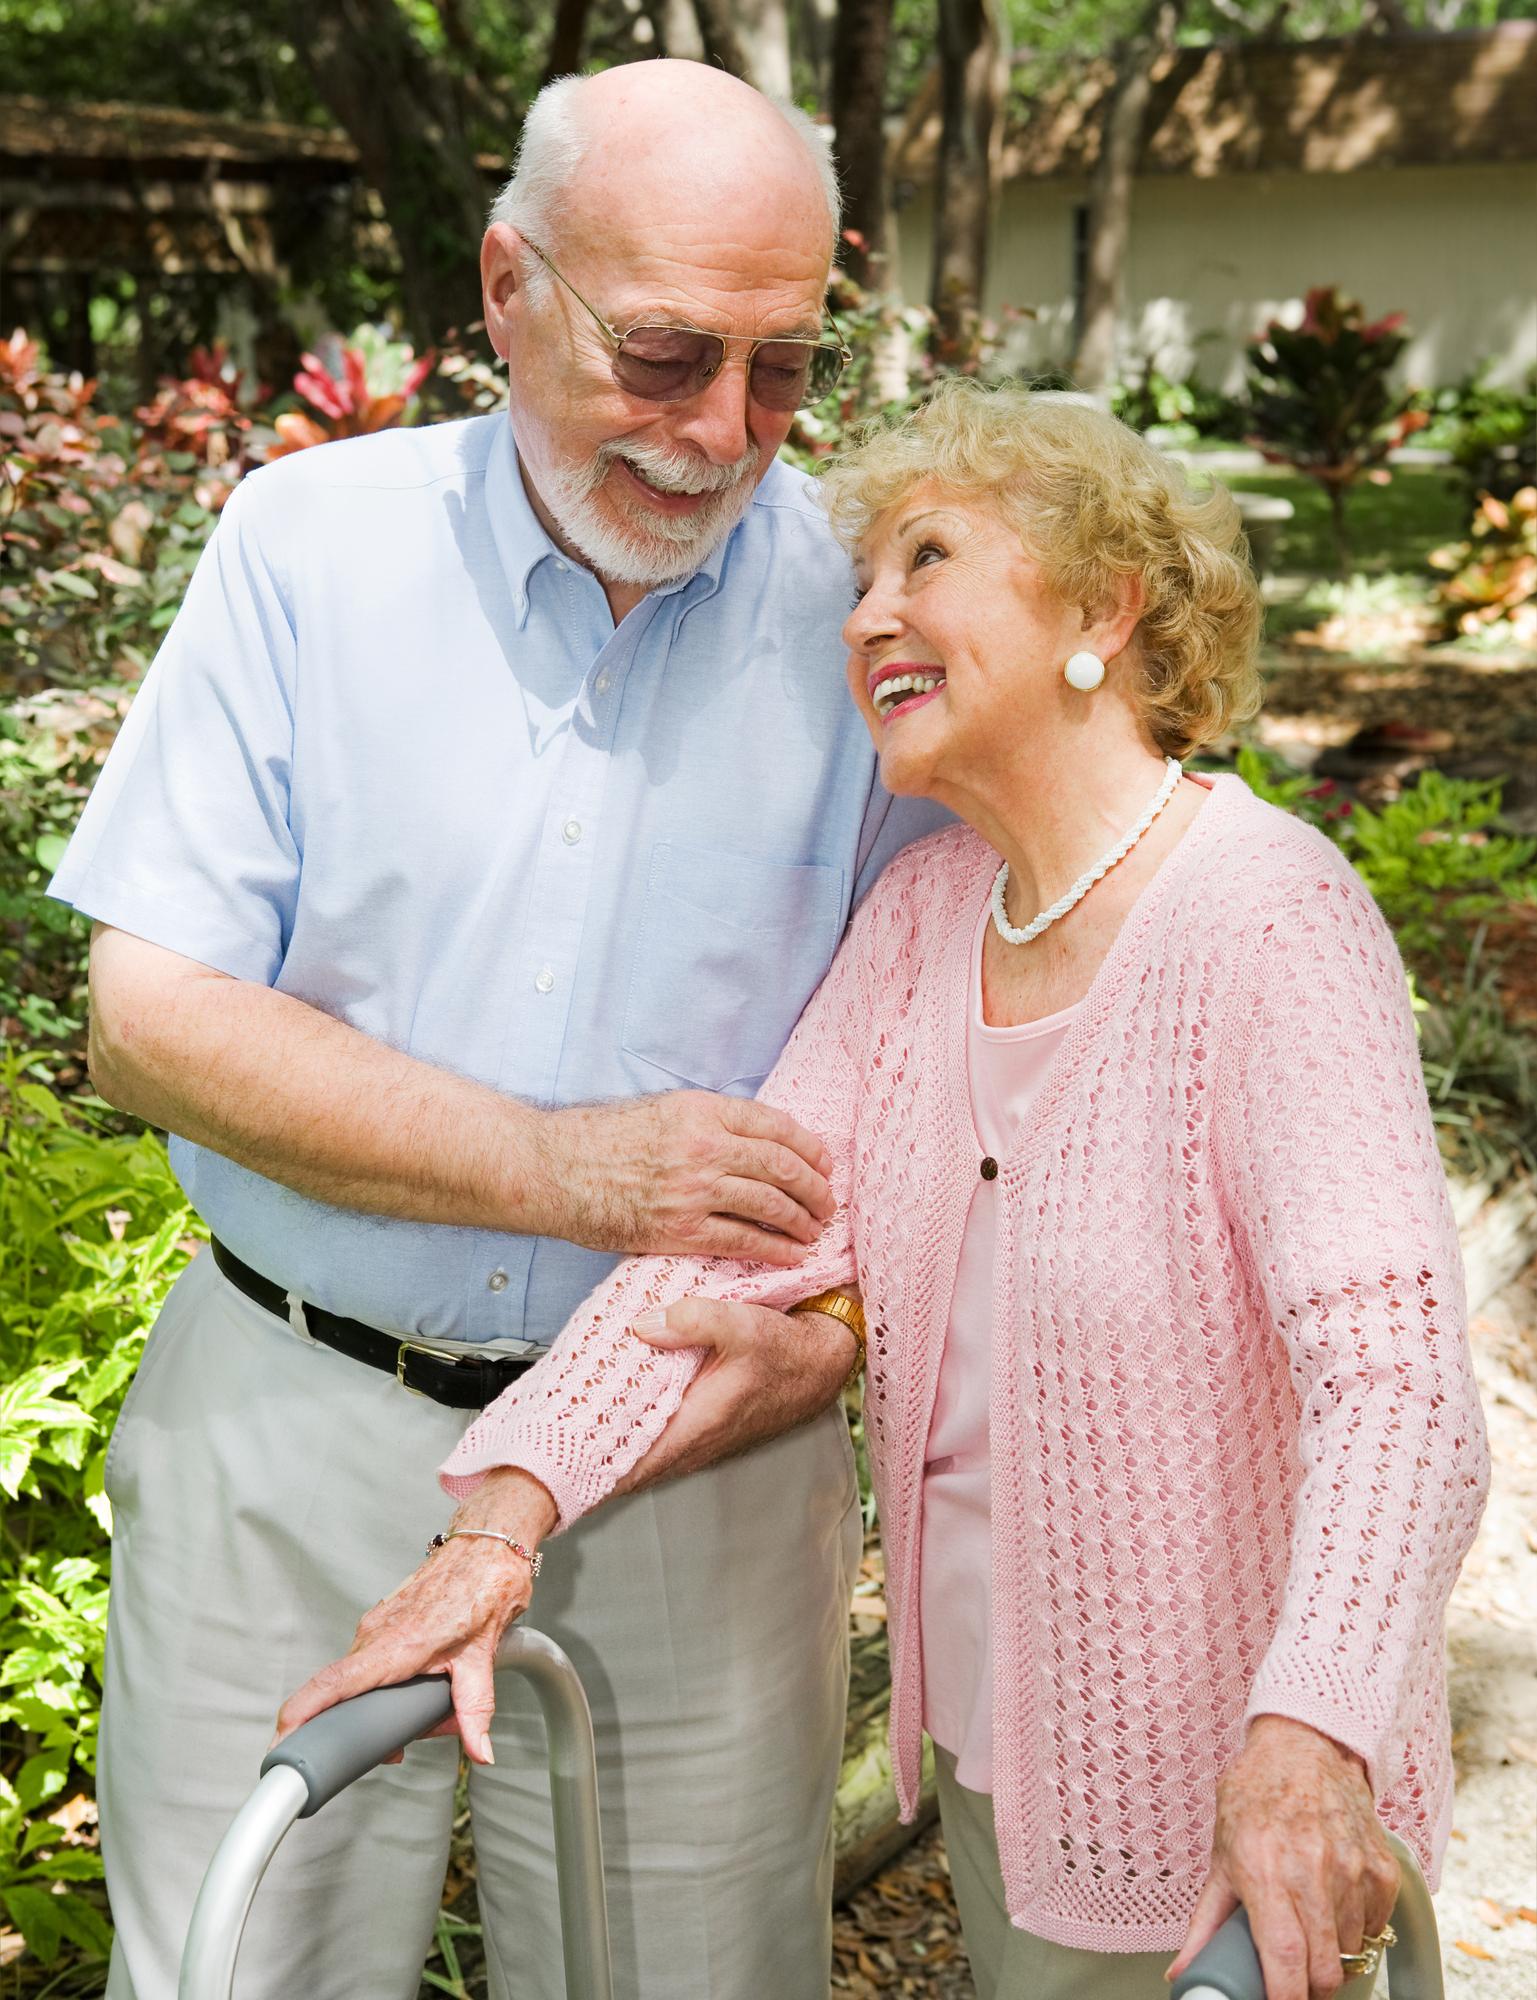 dementia-senior-care